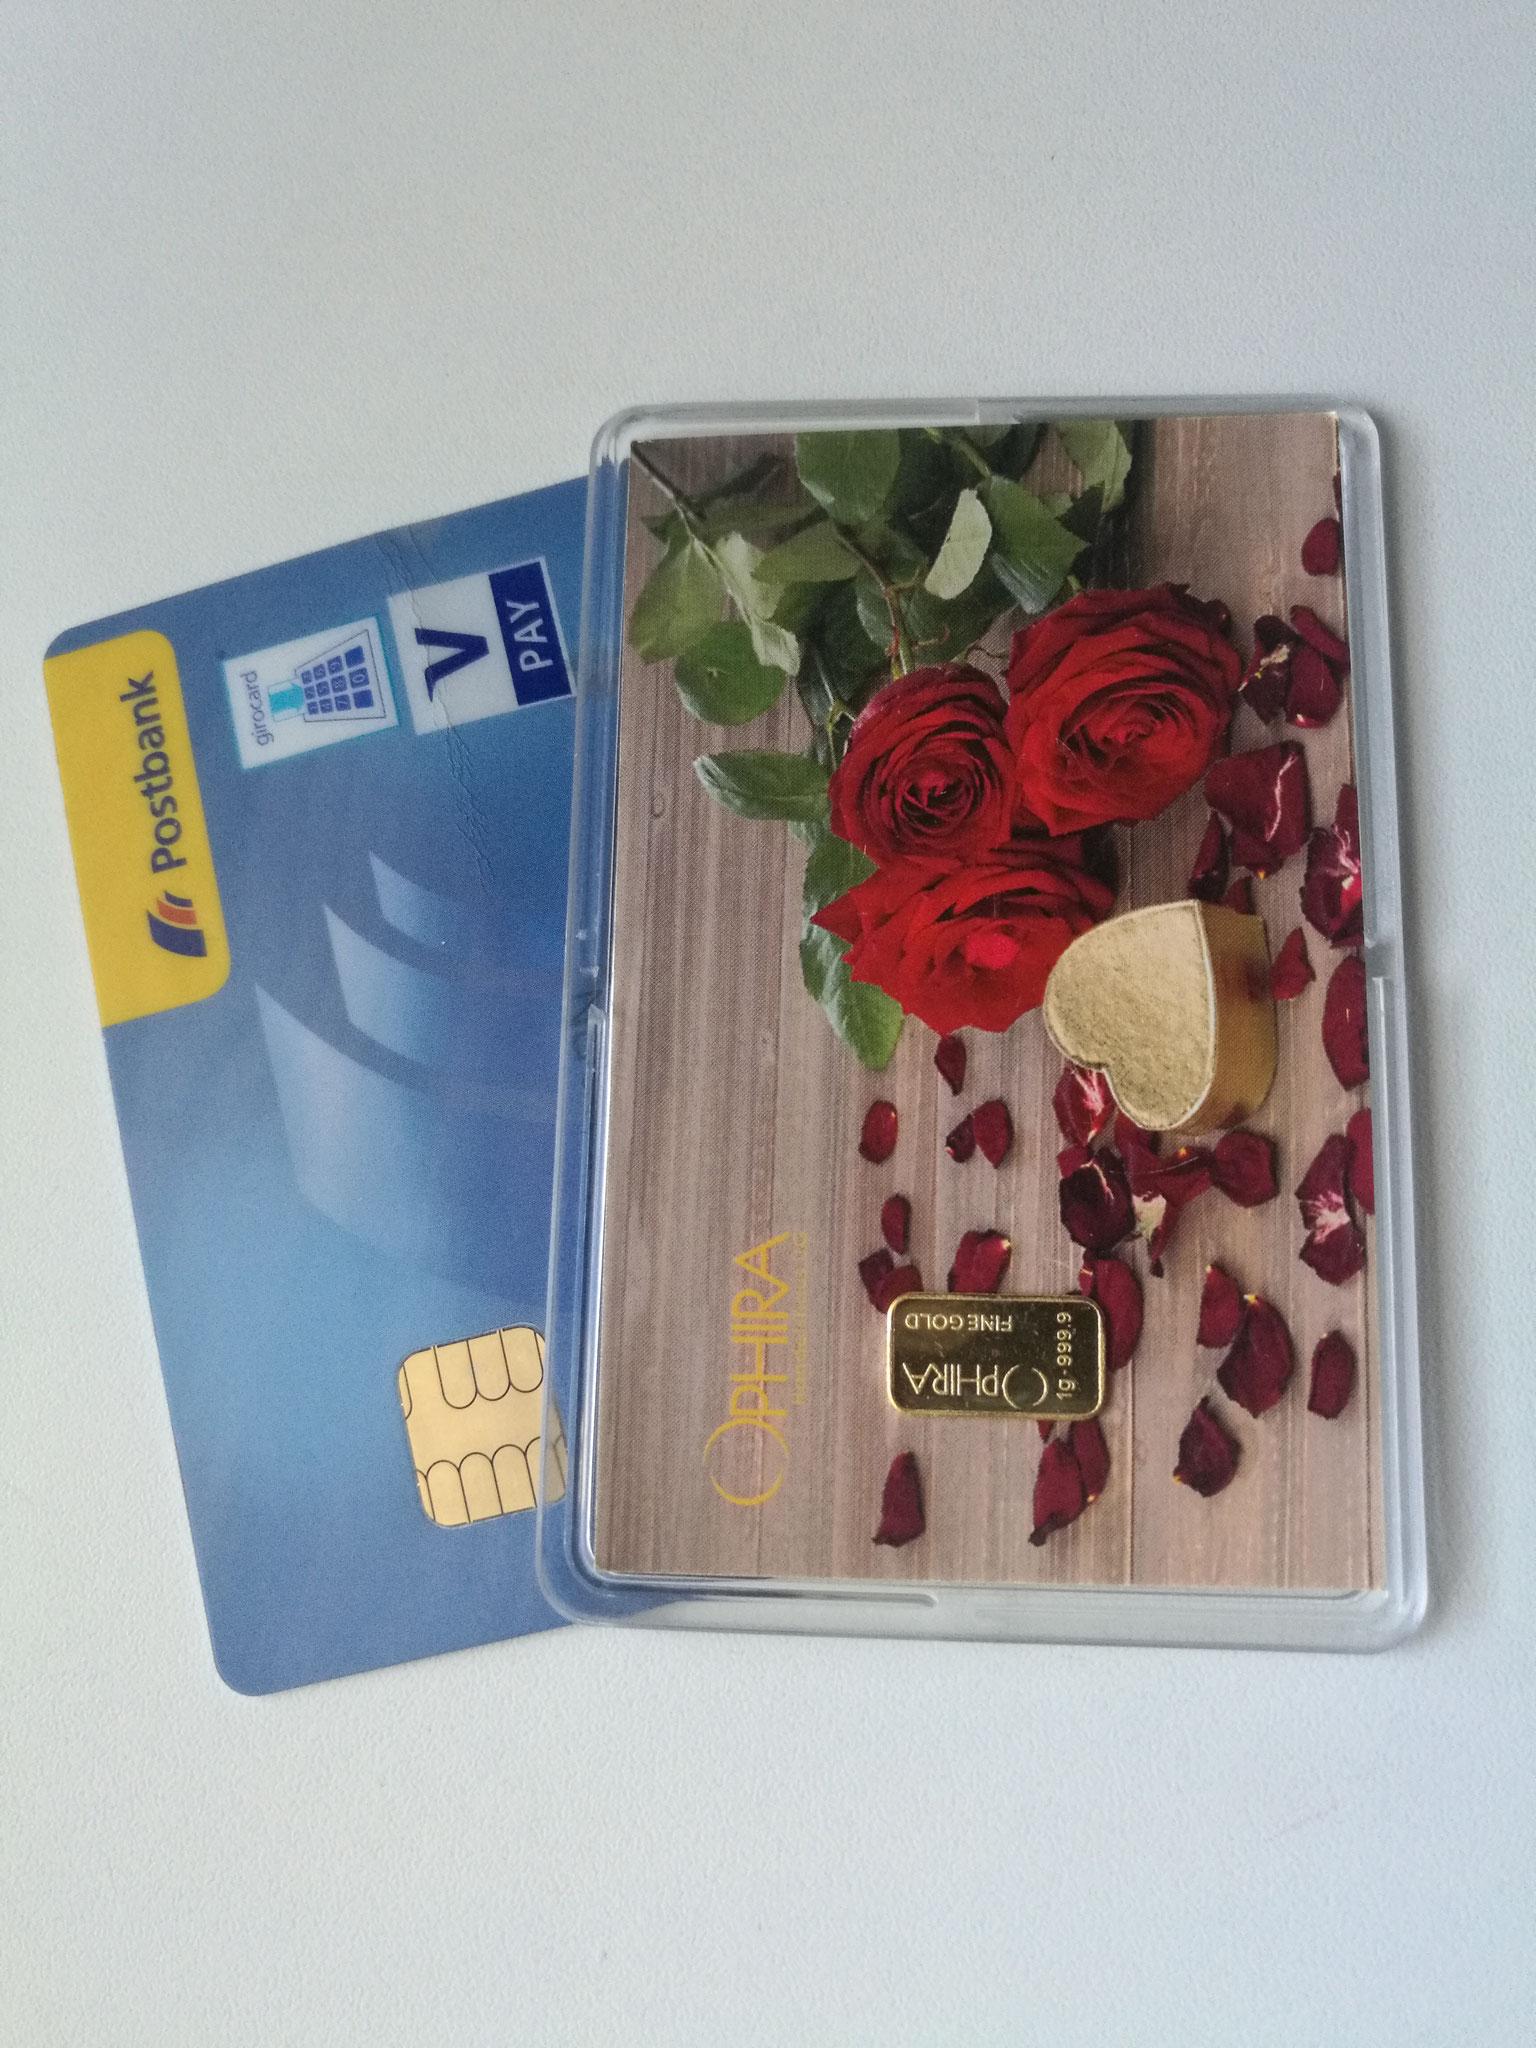 Größenvergleich Motivbarren Geschenkbarren Motivbarren und Bankkarte